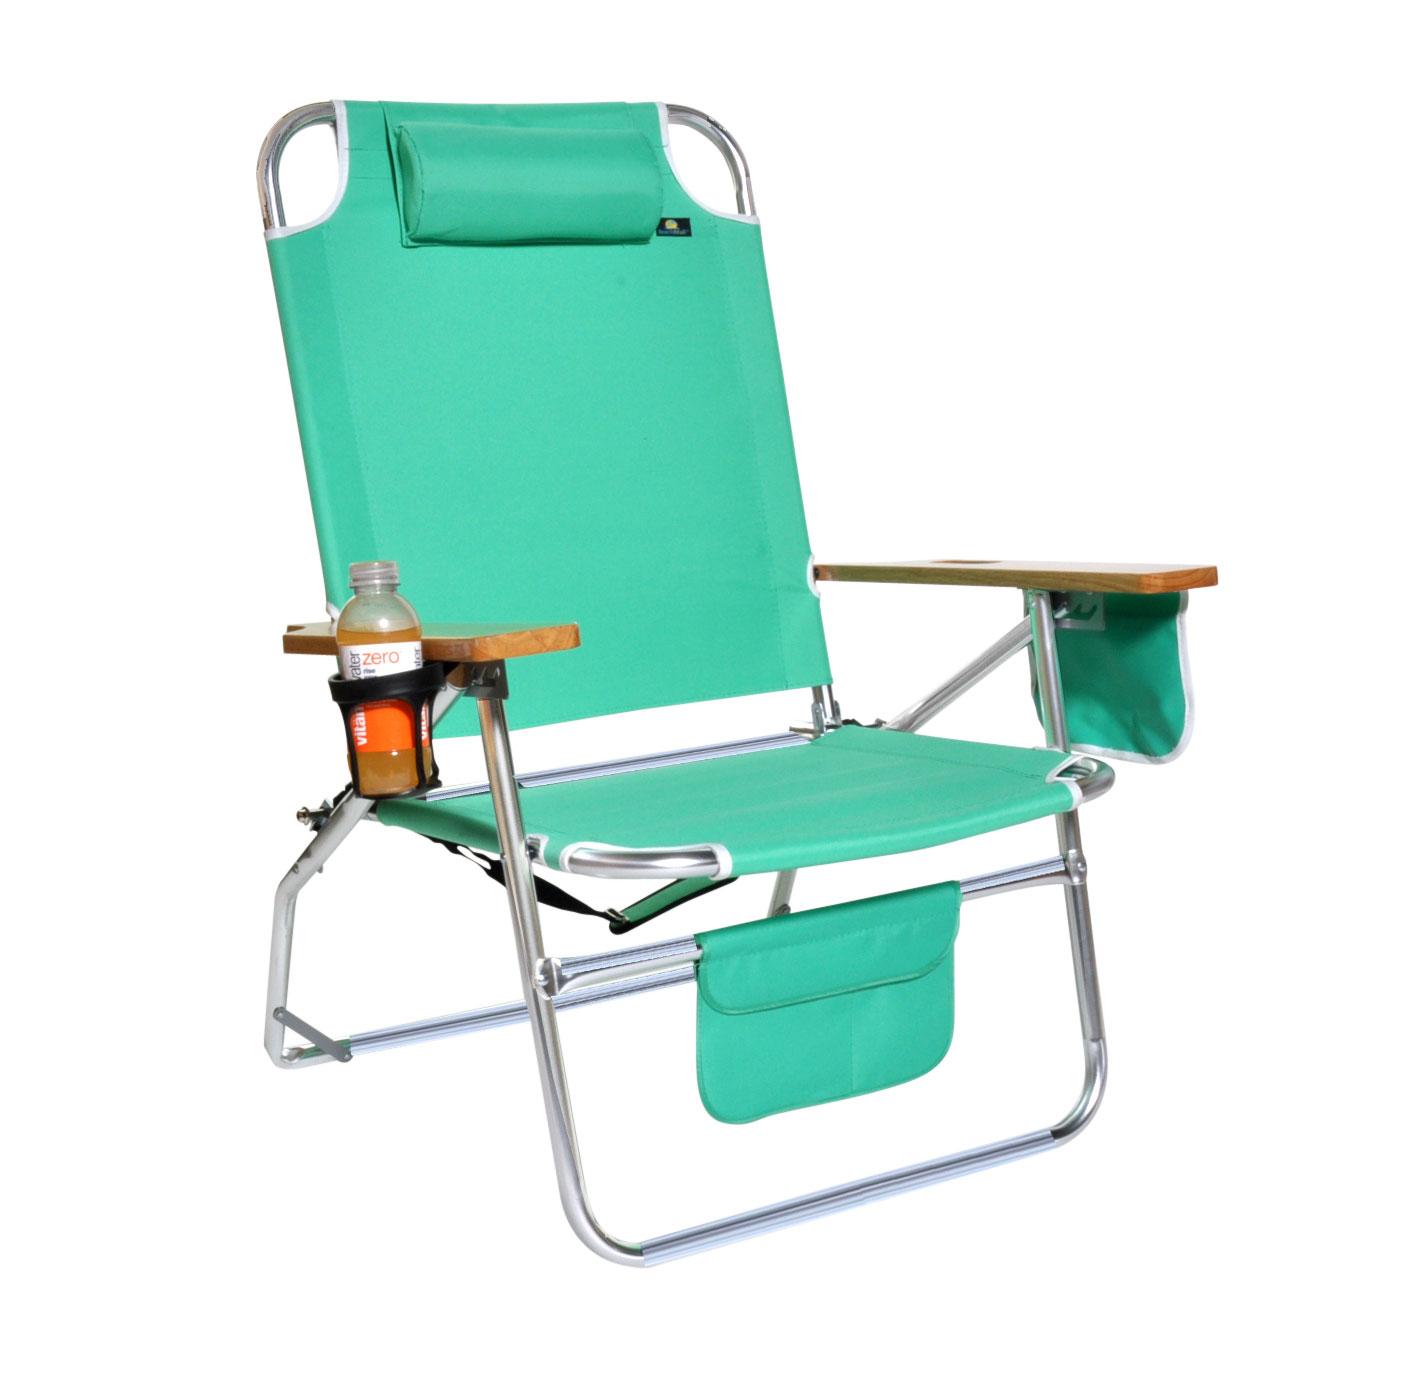 office chair 300 lb capacity drive medical bath big jumbo heavy duty 500 lbs xl aluminum beach for